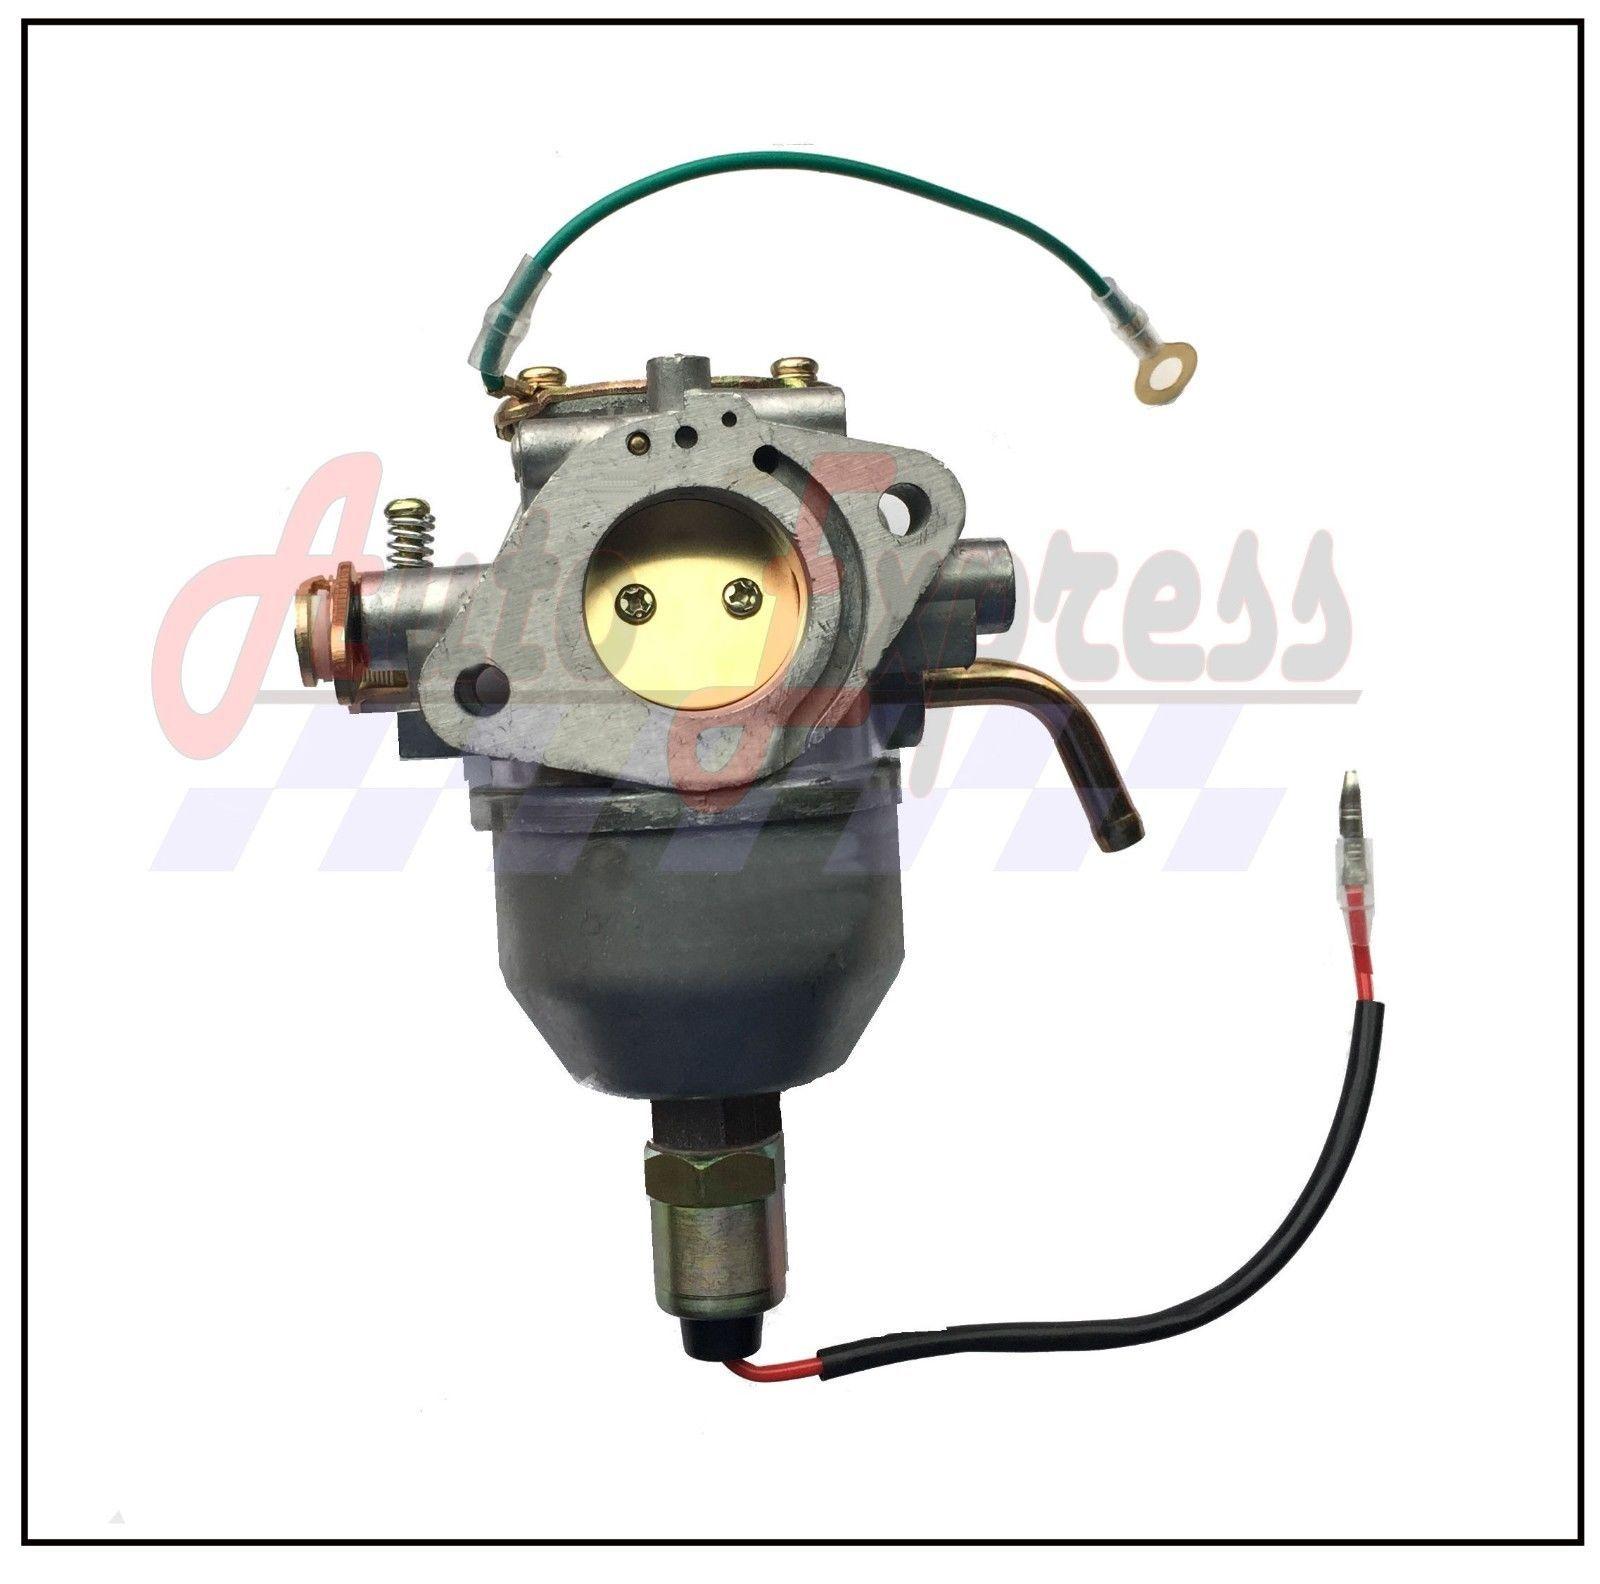 CARBURETOR FOR KOHLER KT SERIES DOME STYLE ENGINE CARB OIL FUEL FILTERS image 2